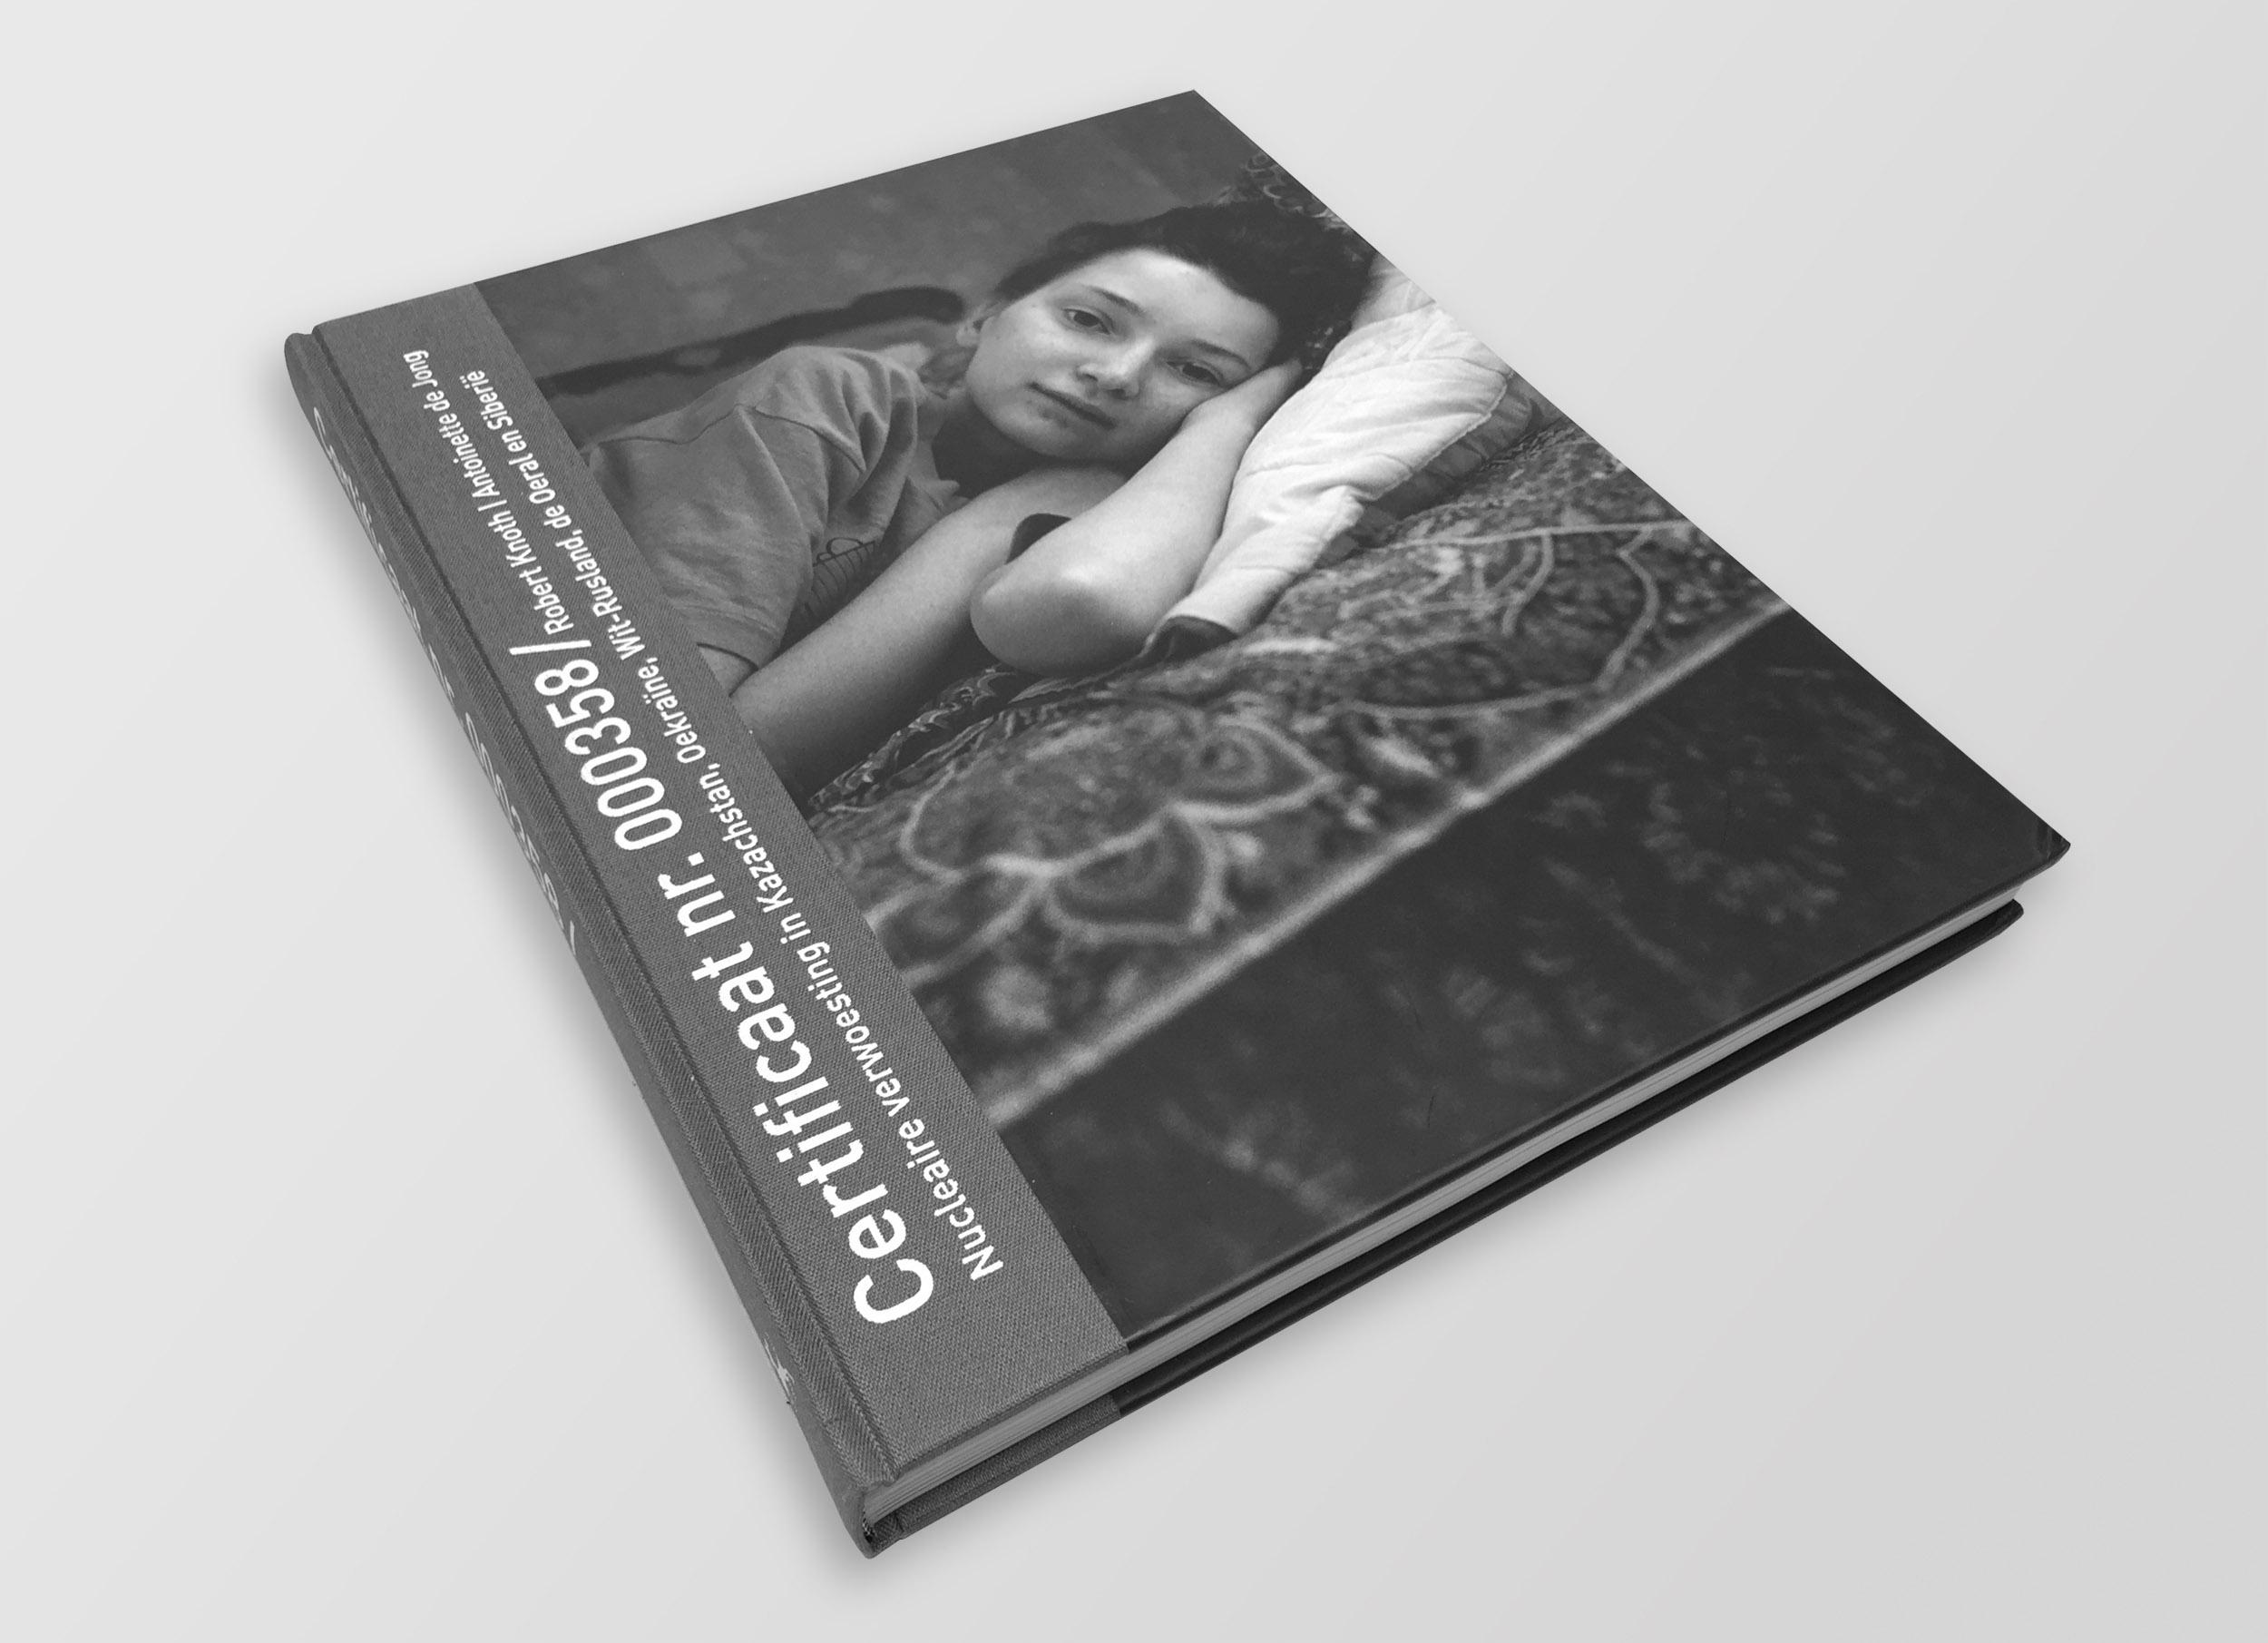 BOOK-CERTIFICAAT-001B.jpg